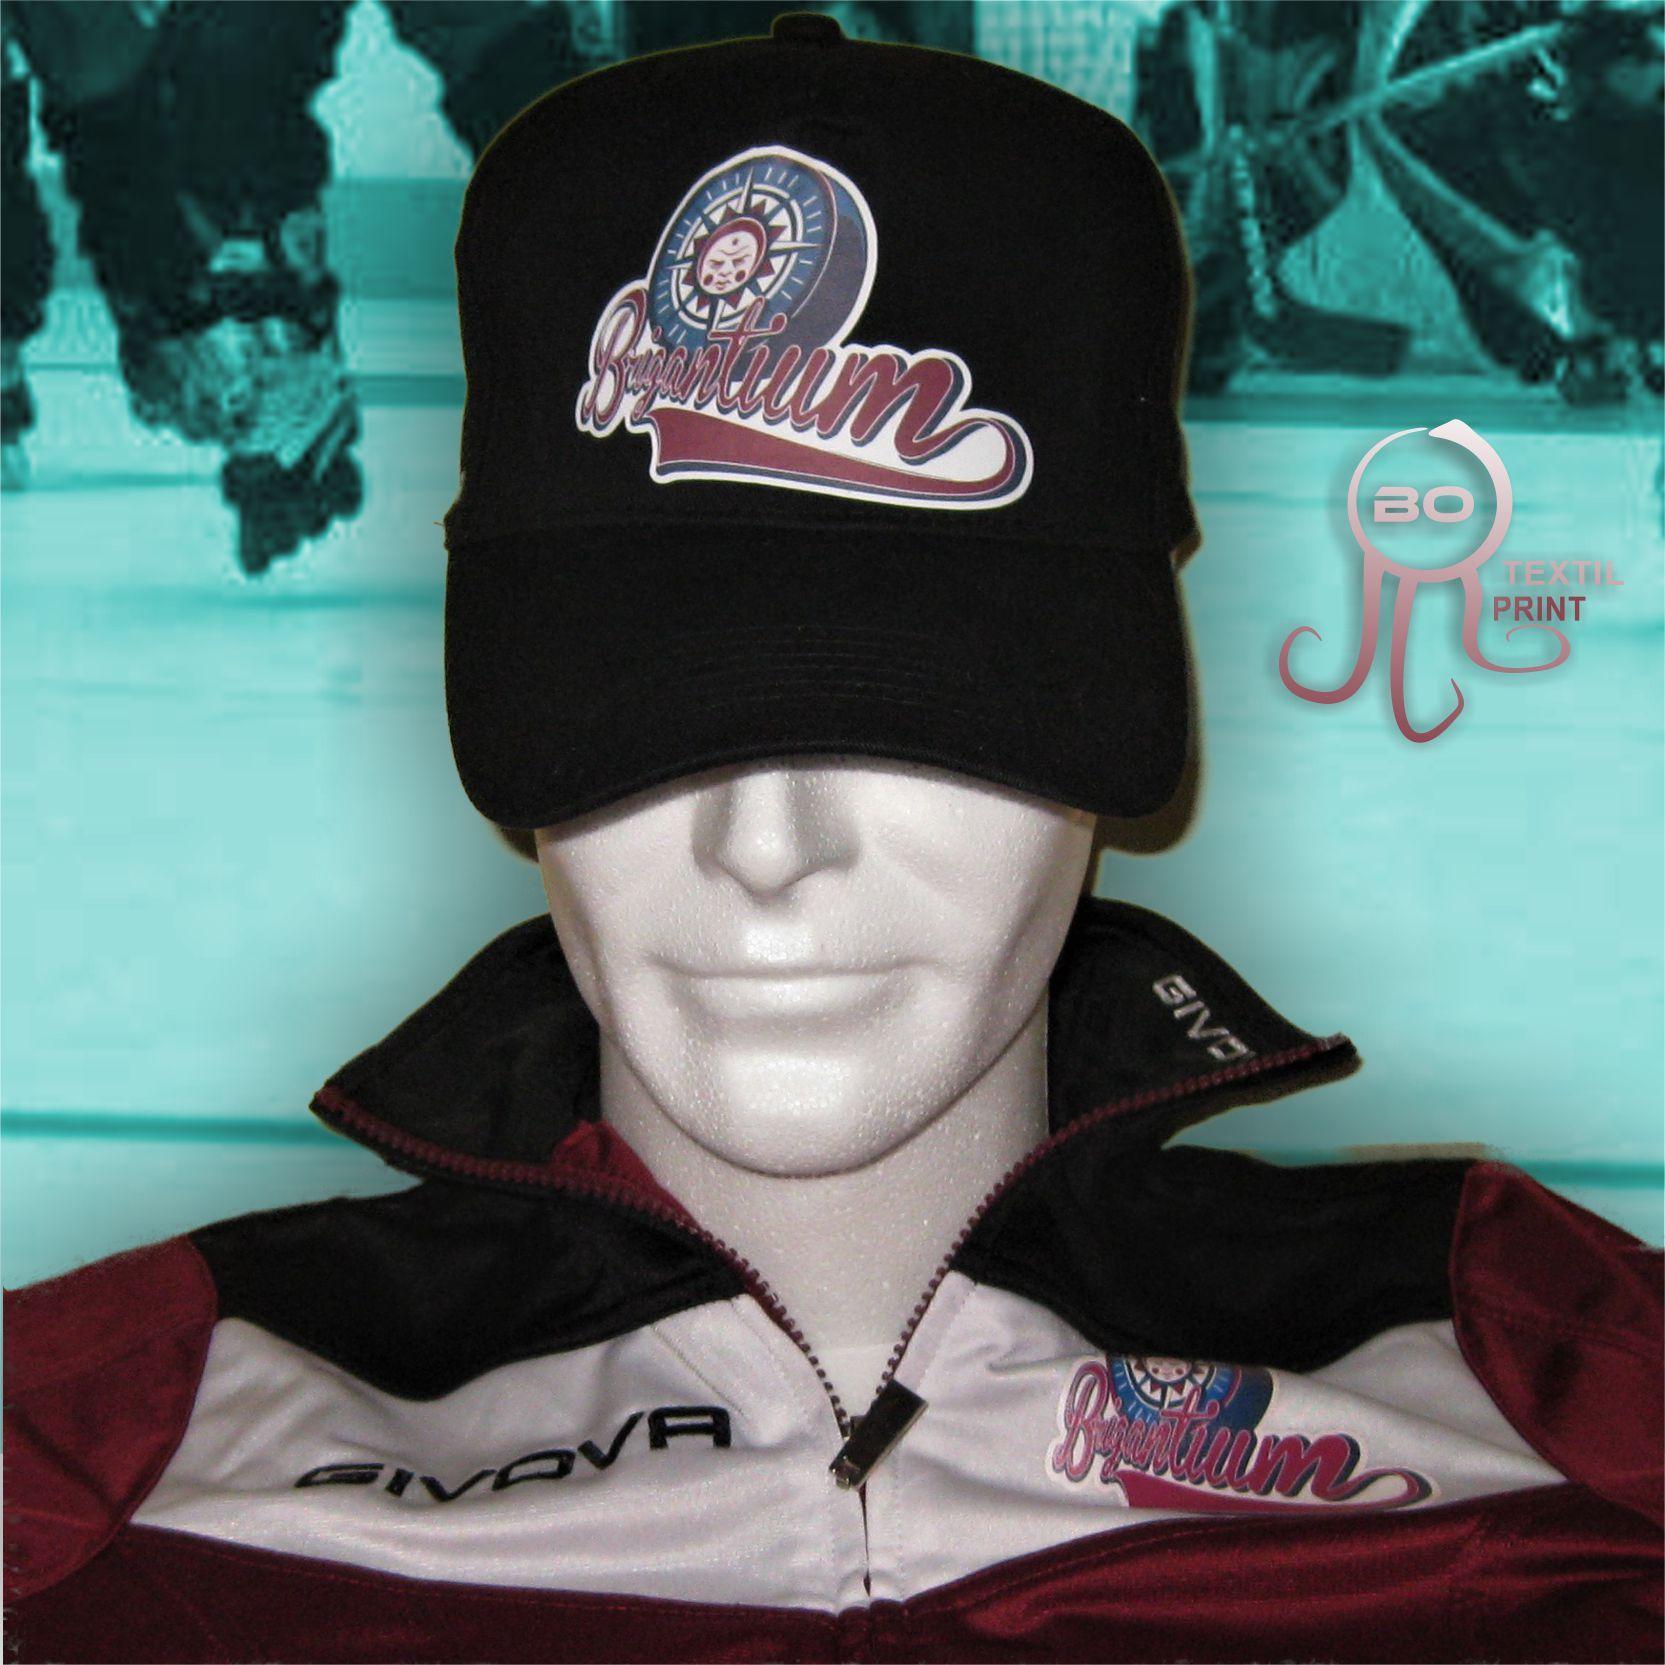 79ef65e6dd6e Gorras equipo Hockey personalizadas. www.botextilprint.es ...